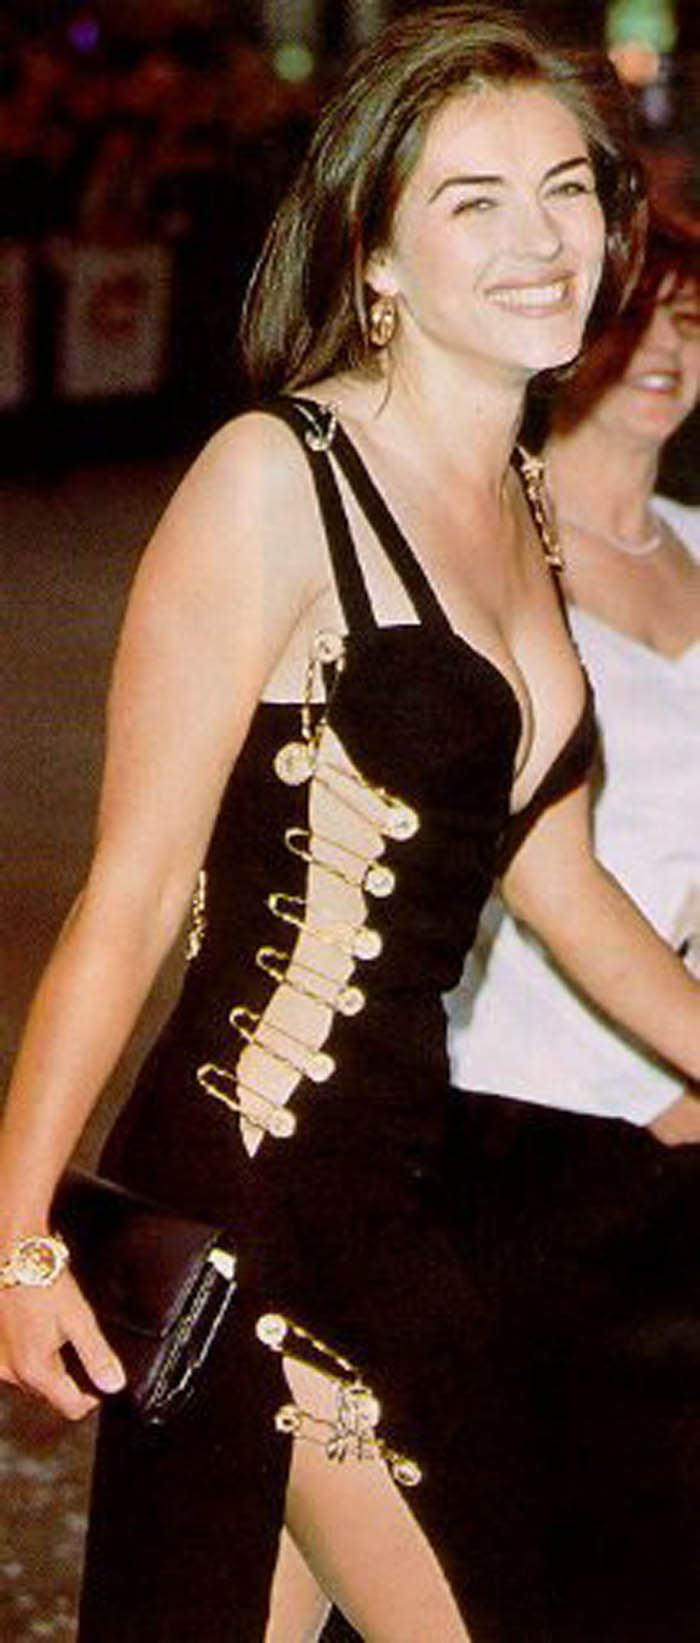 Liz hurley versace dress - More Safety Pins X Boobs X Legs X 90s Pin Terestversace Dresssafety Pinselizabeth Hurleylegs